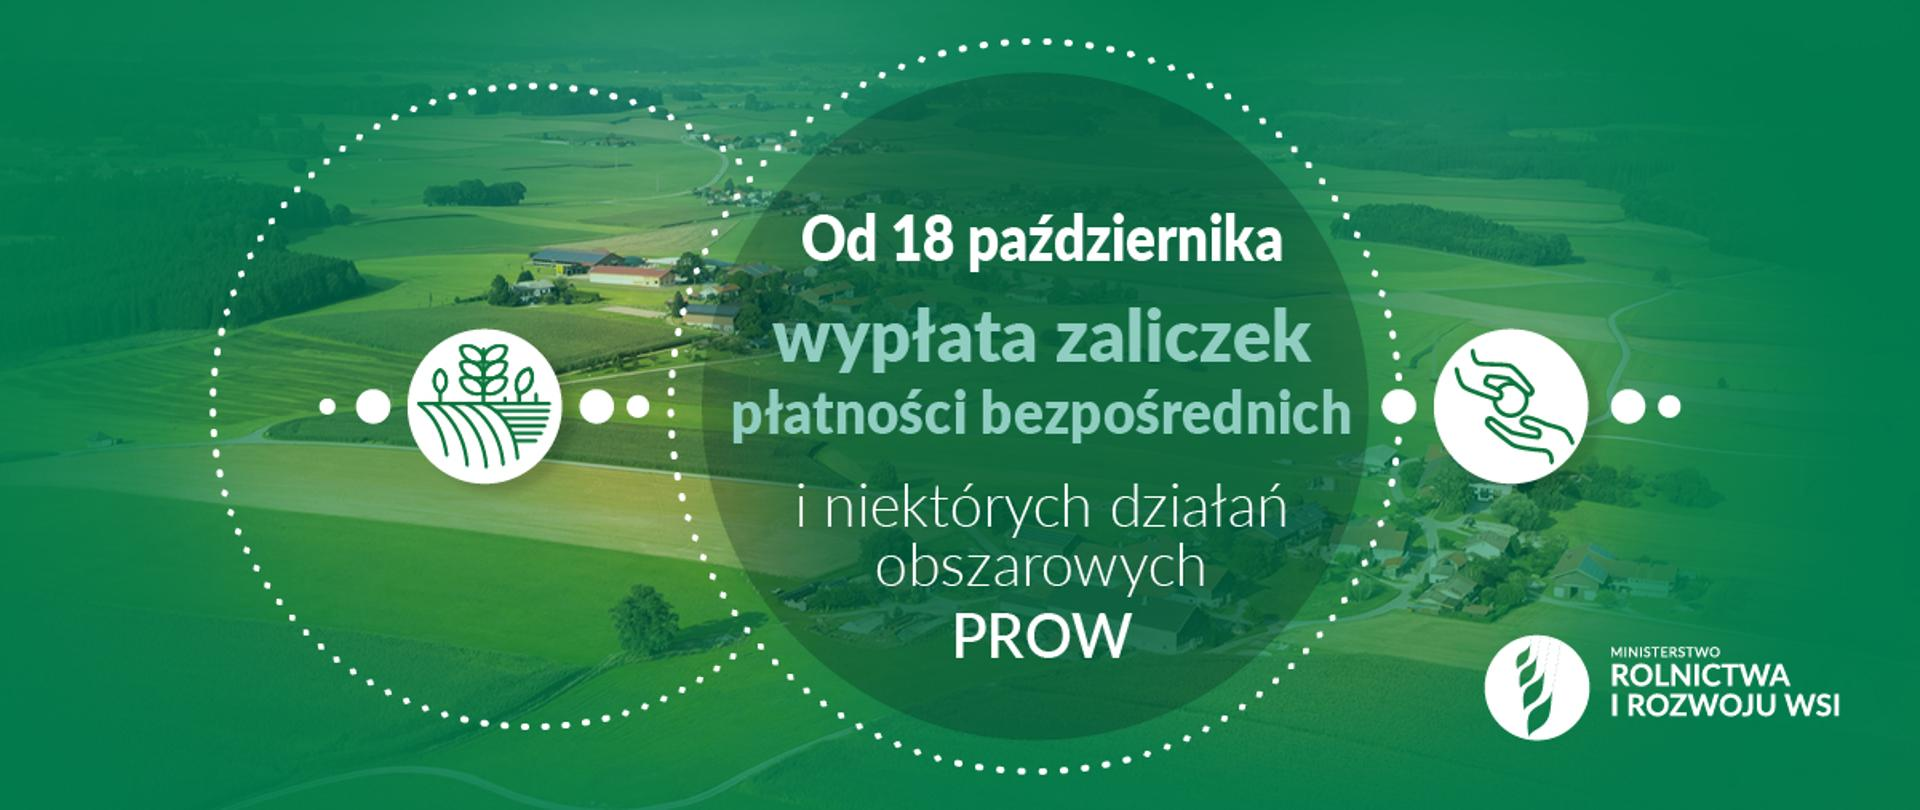 """Infografika do komunikatu """"Od 18 października wypłata zaliczek płatności bezpośrednich i niektórych działań obszarowych PROW"""". Gospodarstwo rolne widziane z lotu ptaka."""